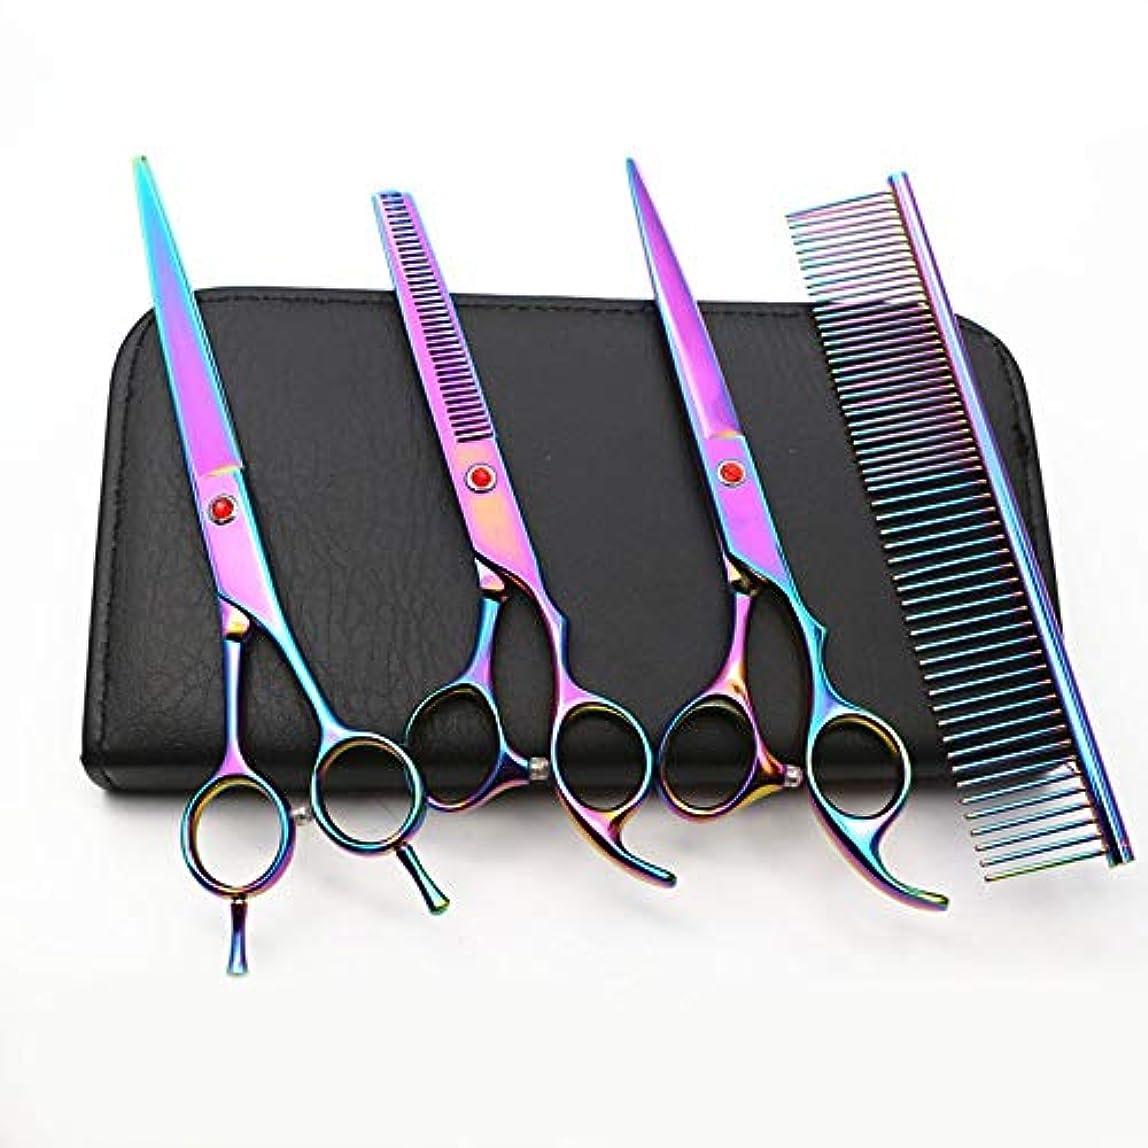 変な論文象Goodsok-jp ハイエンドカラーペット理髪はさみ、カラフルなペット曲げはさみ5ピースセット (色 : Colors)